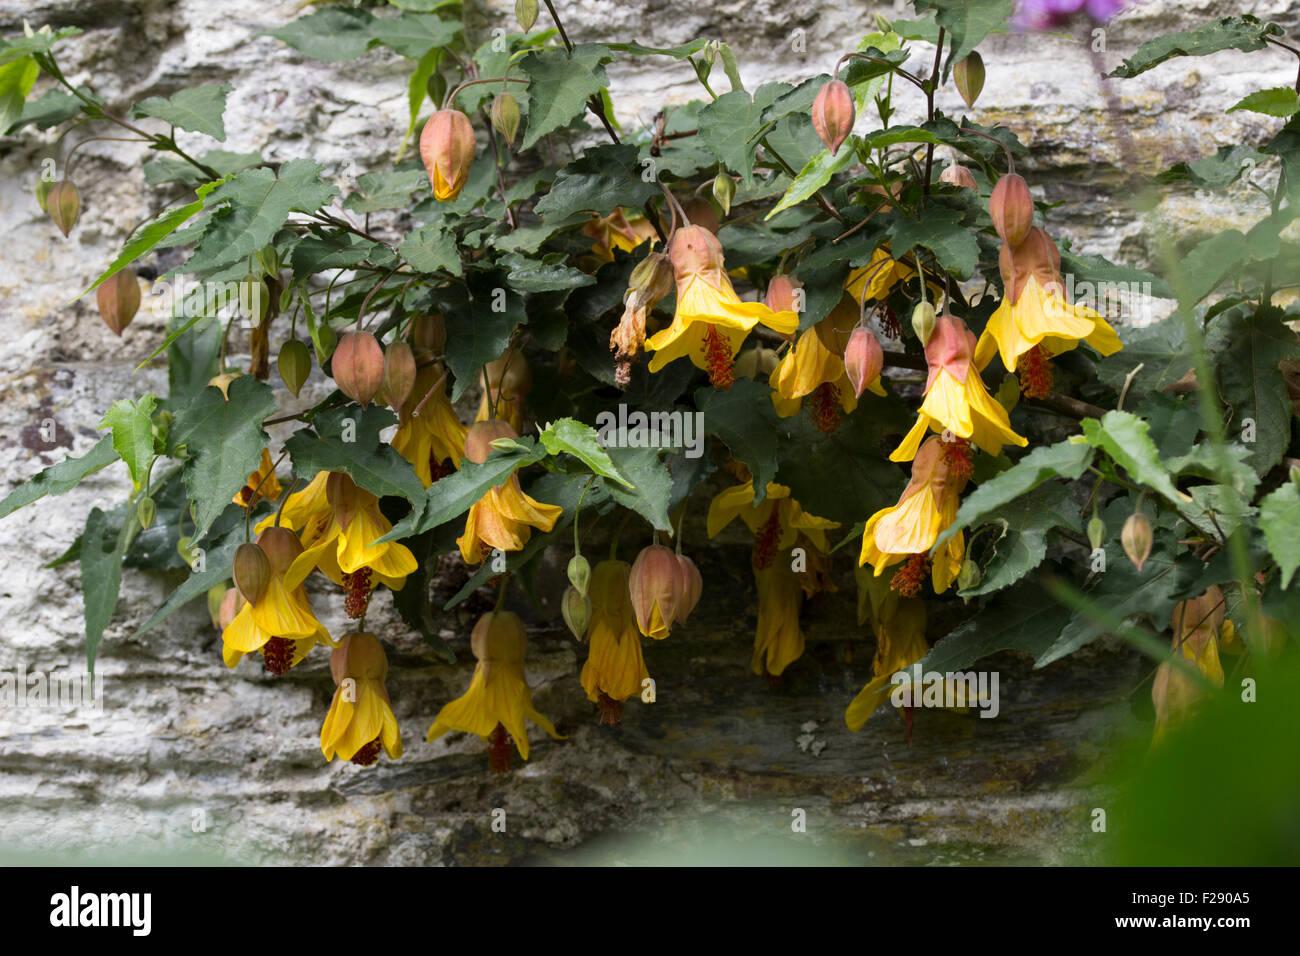 Fiori Gialli A Campana.Cresciuto Come Un Muro Arbusto Abutilon Vittoria Pende A Forma